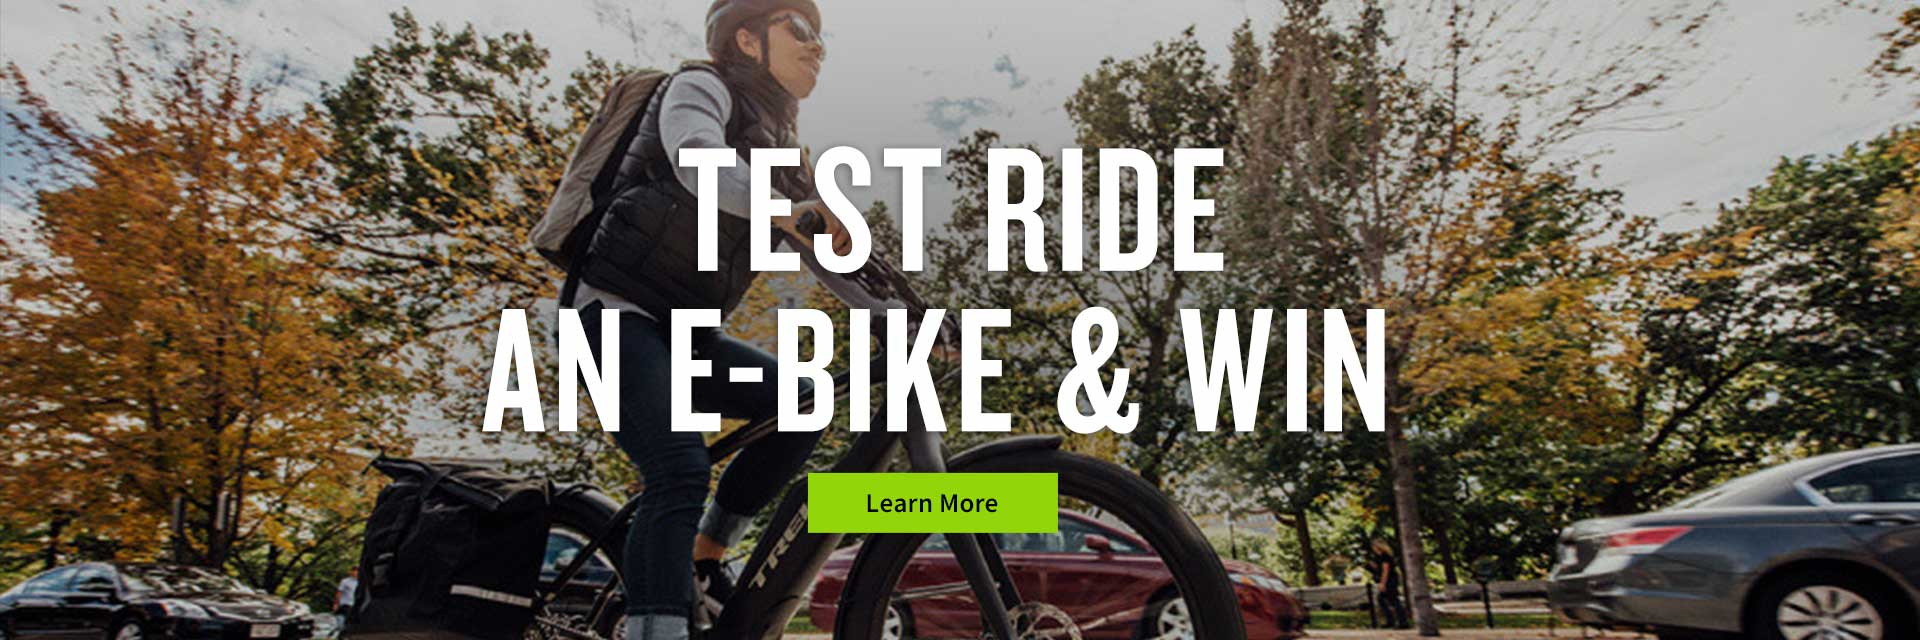 Test Ride An E-Bike & Win